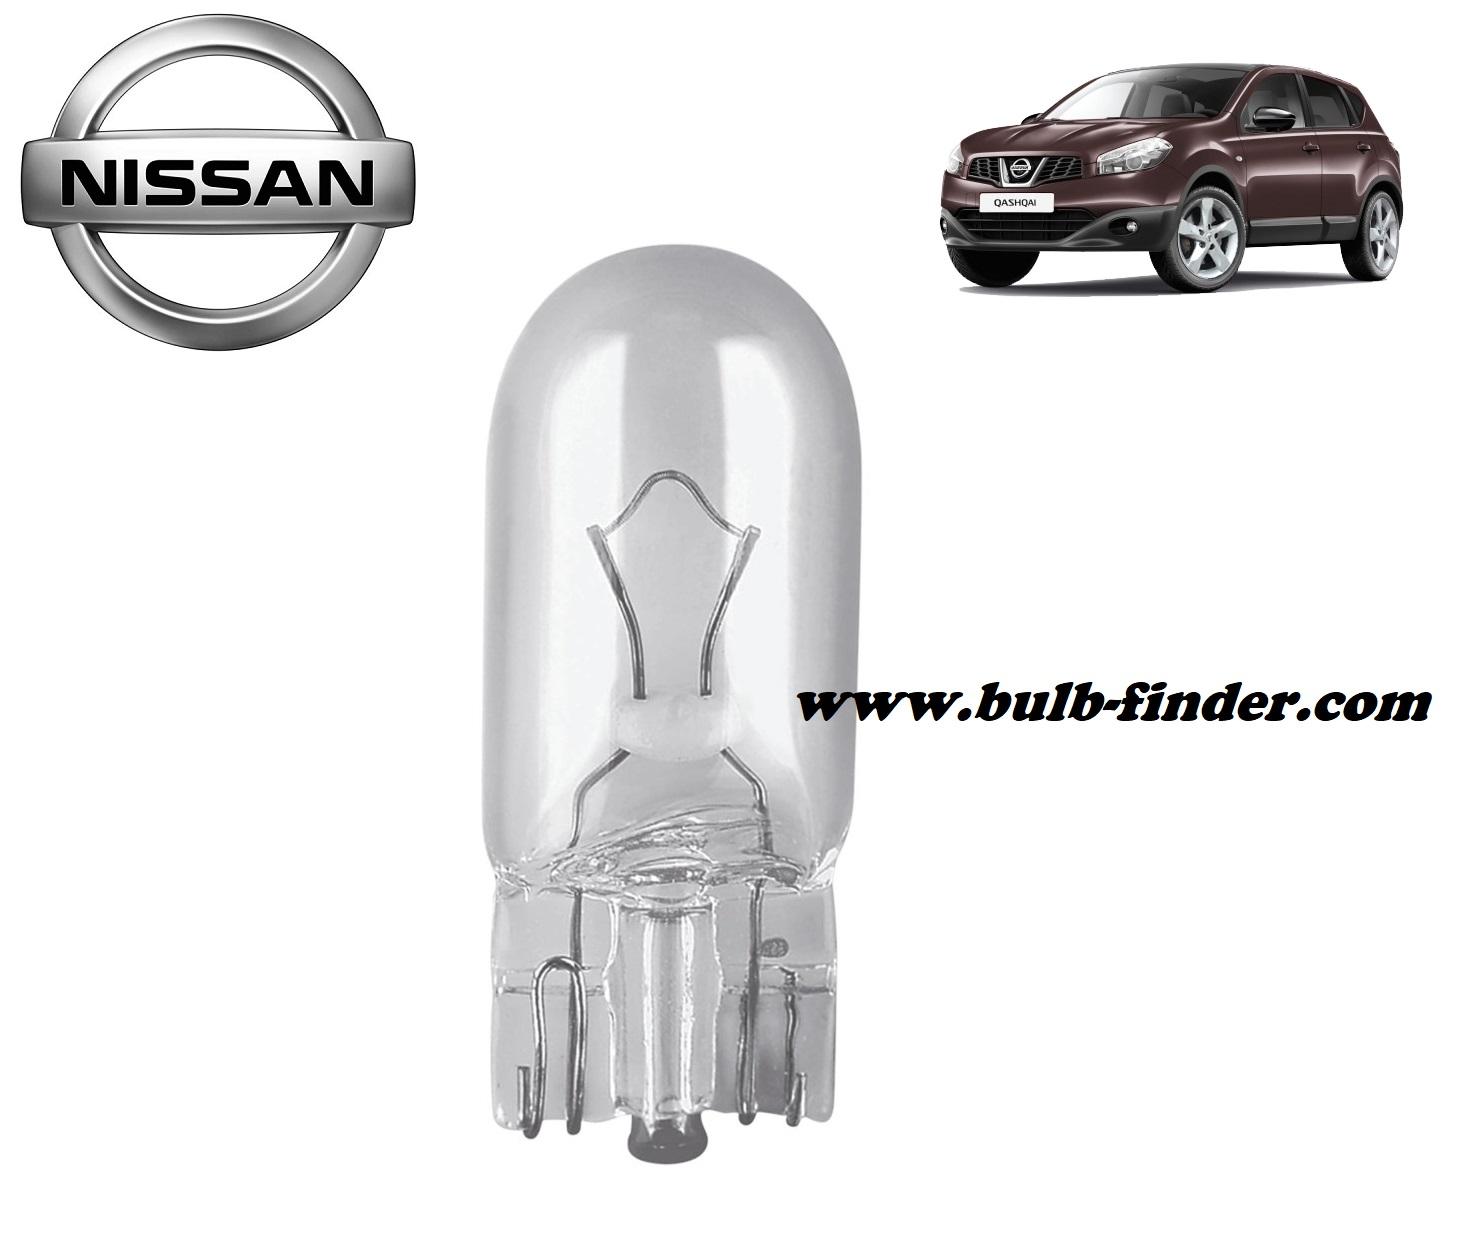 Nissan Qashqai bulb model INTERIOR ROOF READING LIGHT